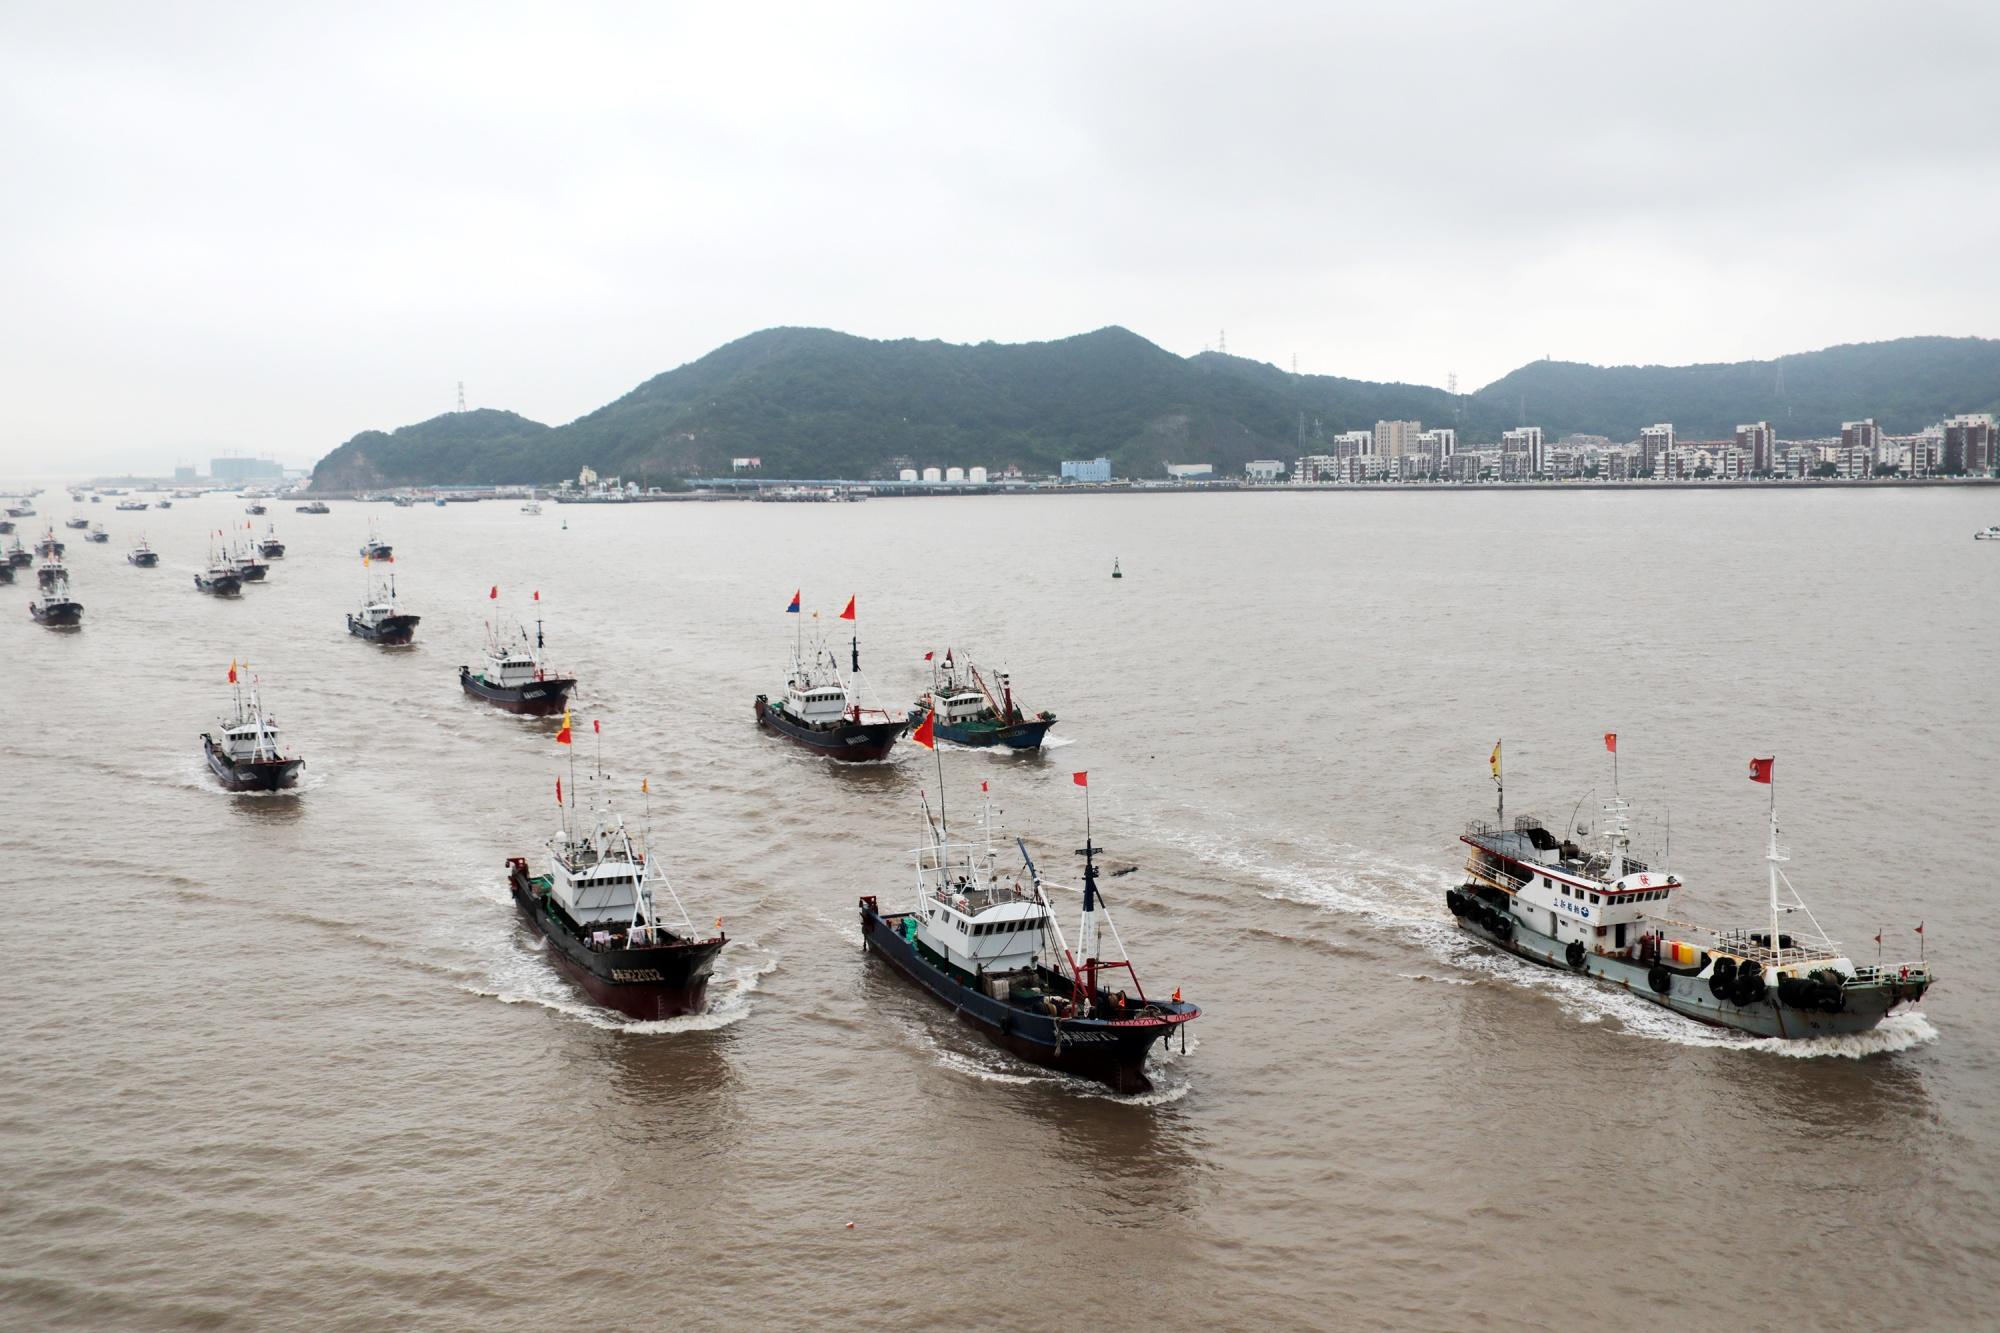 Σύγκρουση φορτηγού πλοίου με αλιευτικό στην Κίνα – 1 νεκρός και δύο αγνοούμενοι - e-Nautilia.gr | Το Ελληνικό Portal για την Ναυτιλία. Τελευταία νέα, άρθρα, Οπτικοακουστικό Υλικό